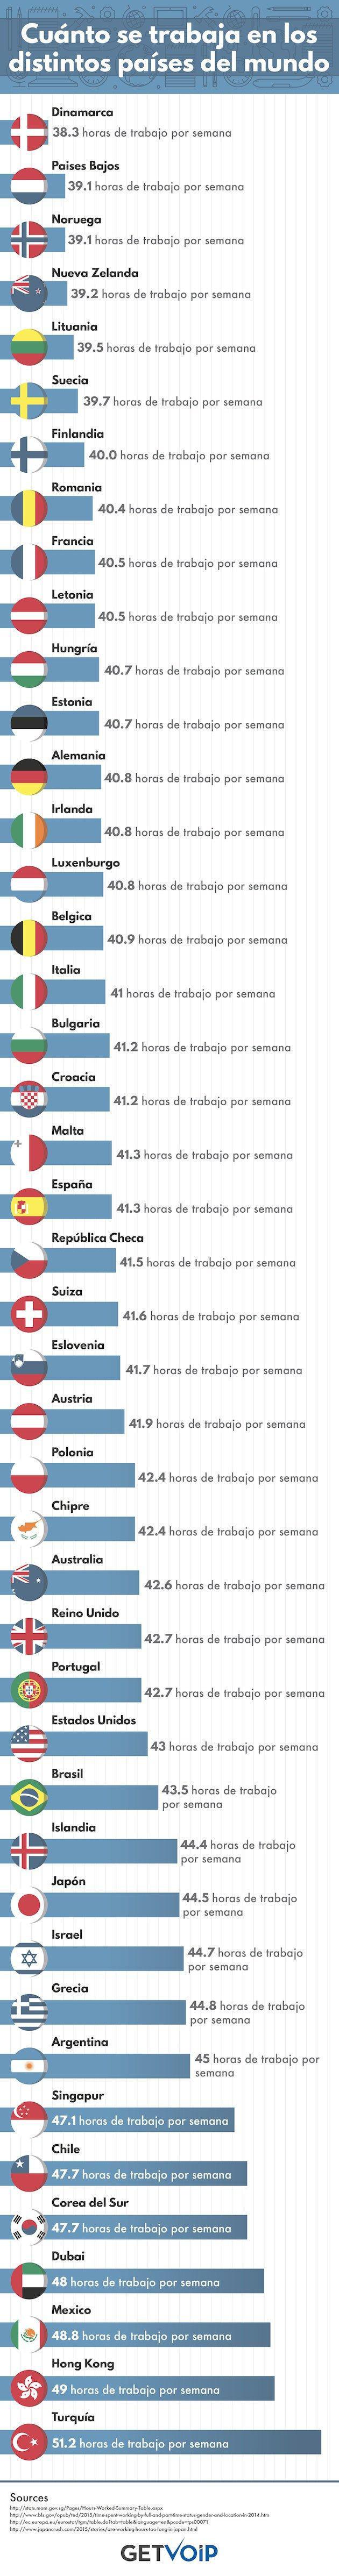 ¿Cuanto se trabaja en los distintos países?